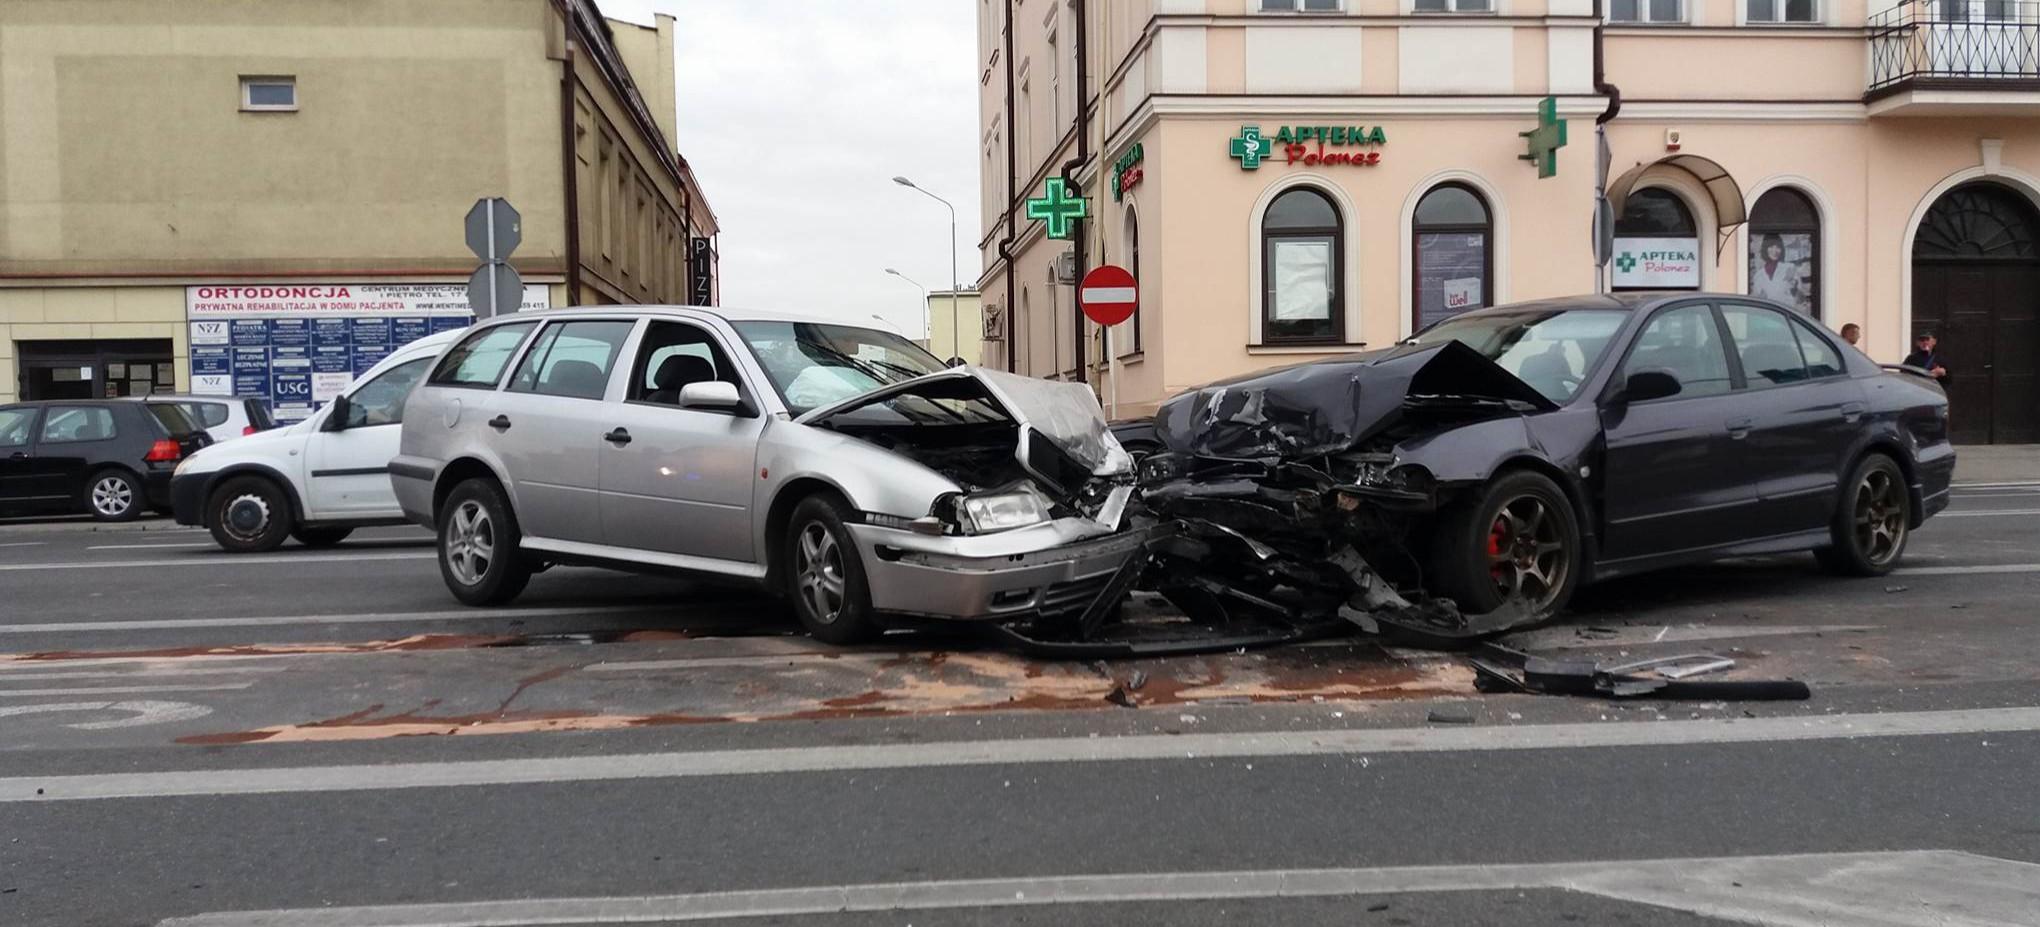 Wypadek w pobliżu Placu Wolności. Spore utrudnienia (FOTO)